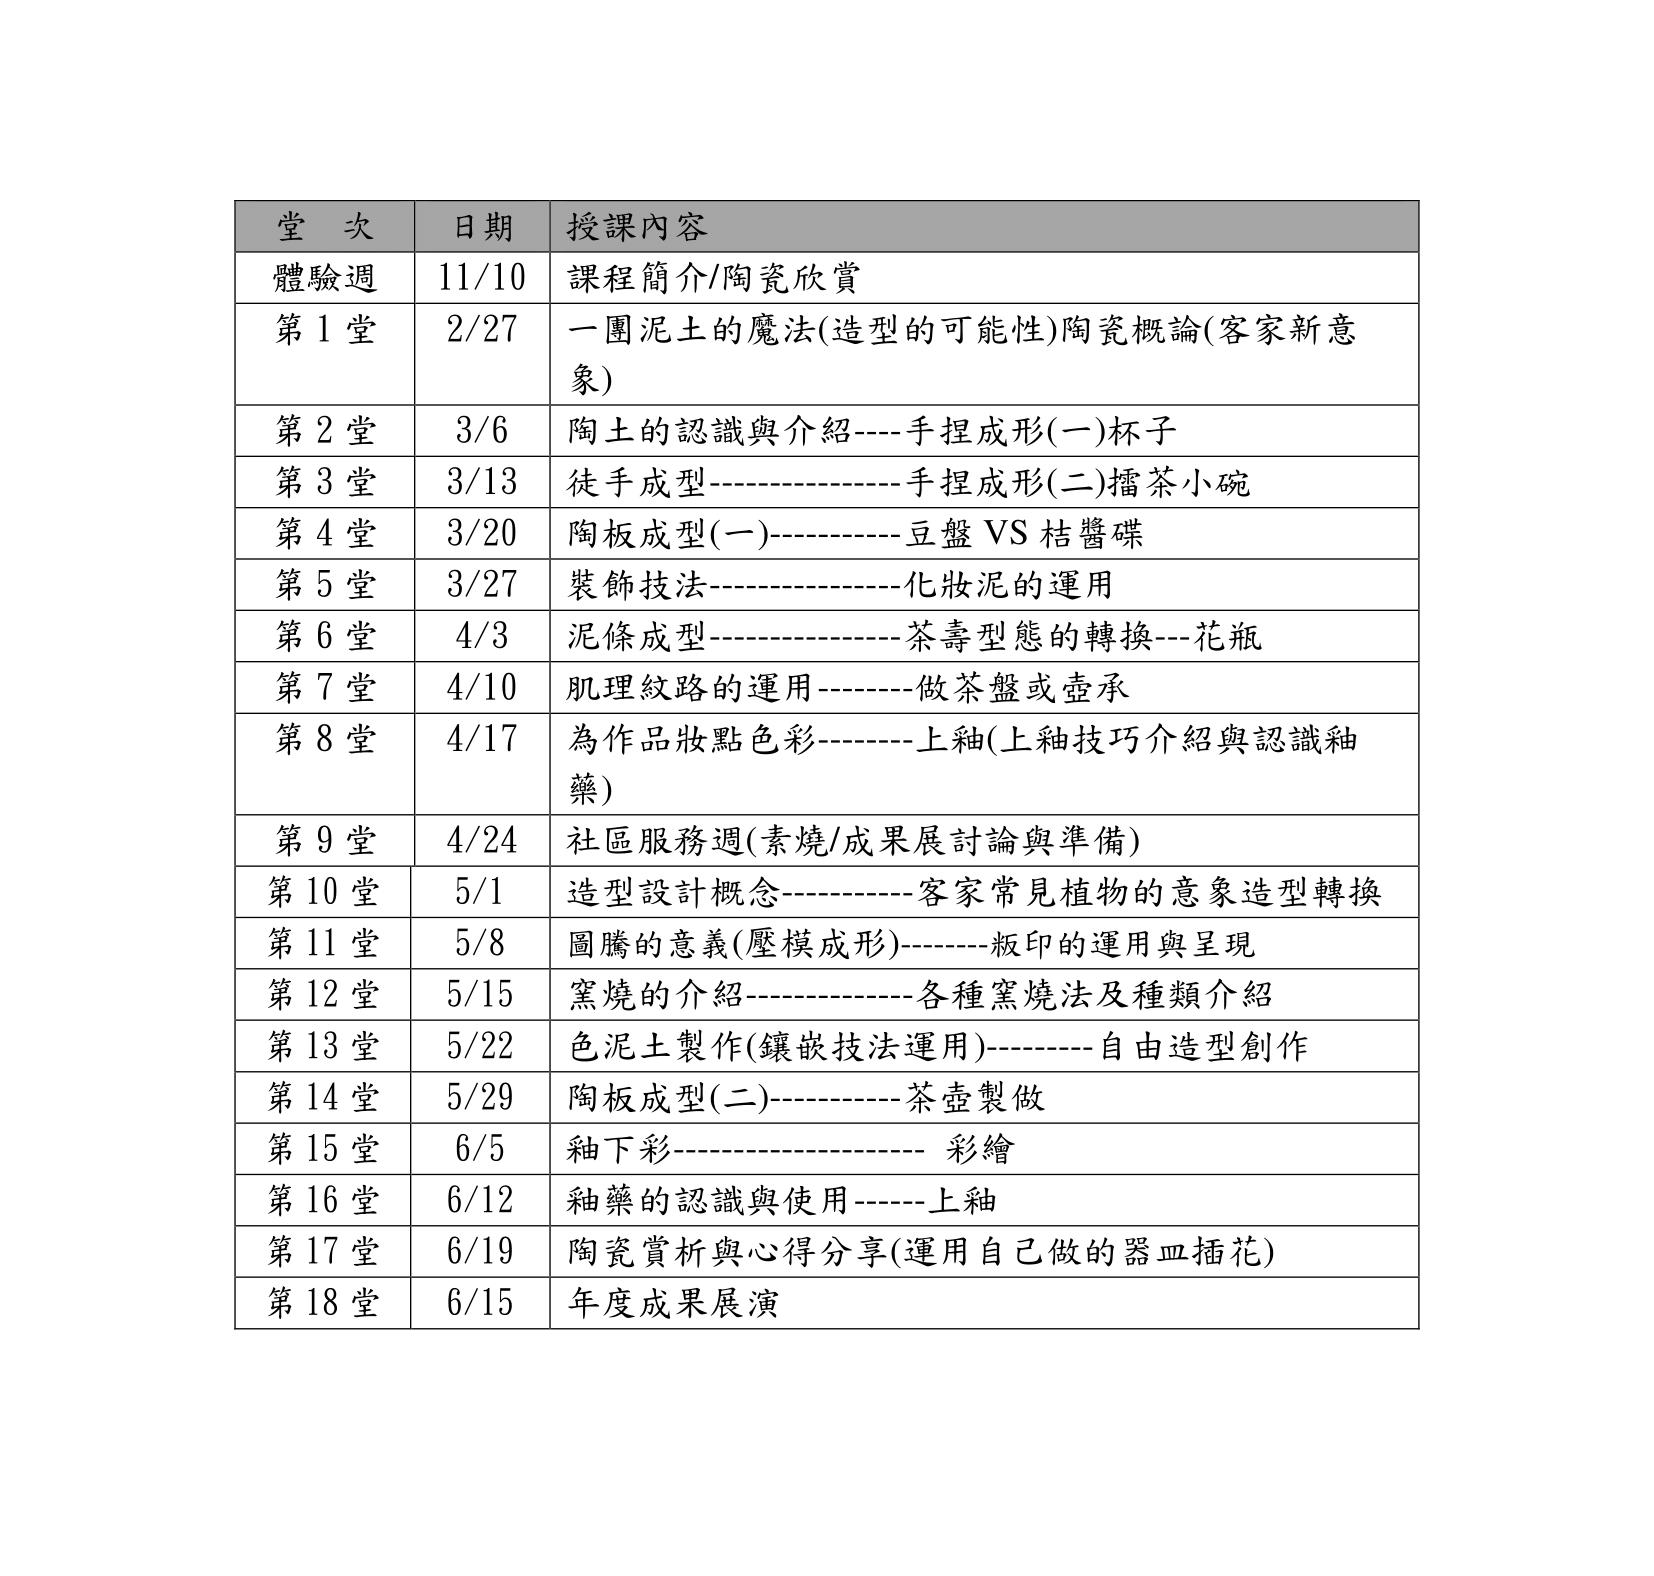 單堂課程表-11.png